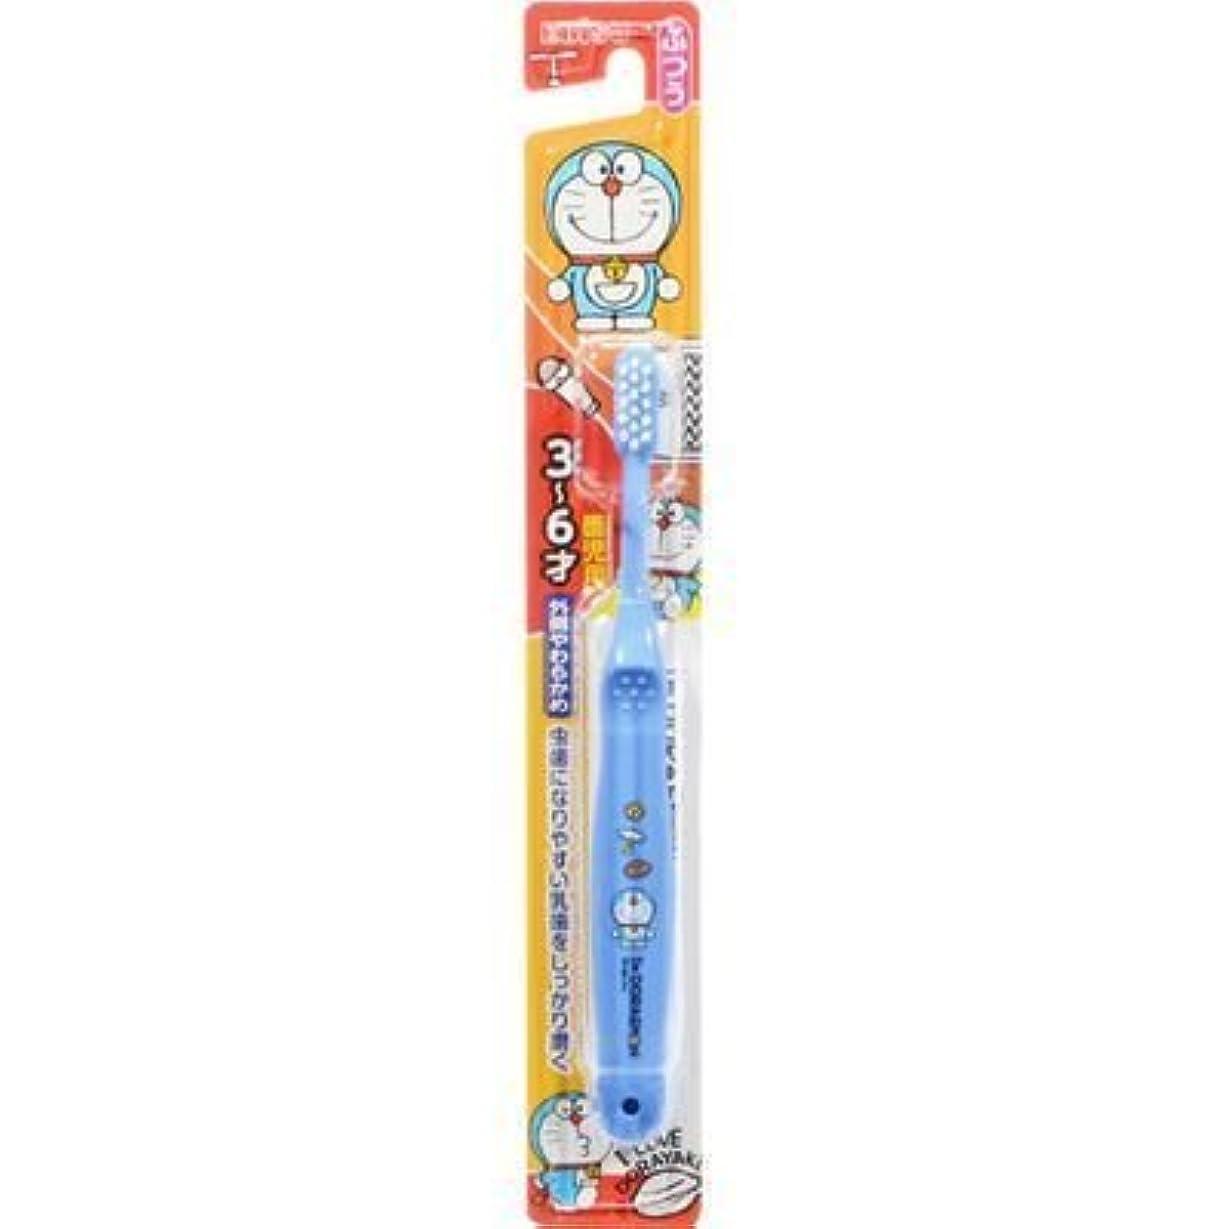 凍る上脇にエビス エビス アイムドラえもん歯ブラシ 3-6才 ふつう 色おまかせ E493408H